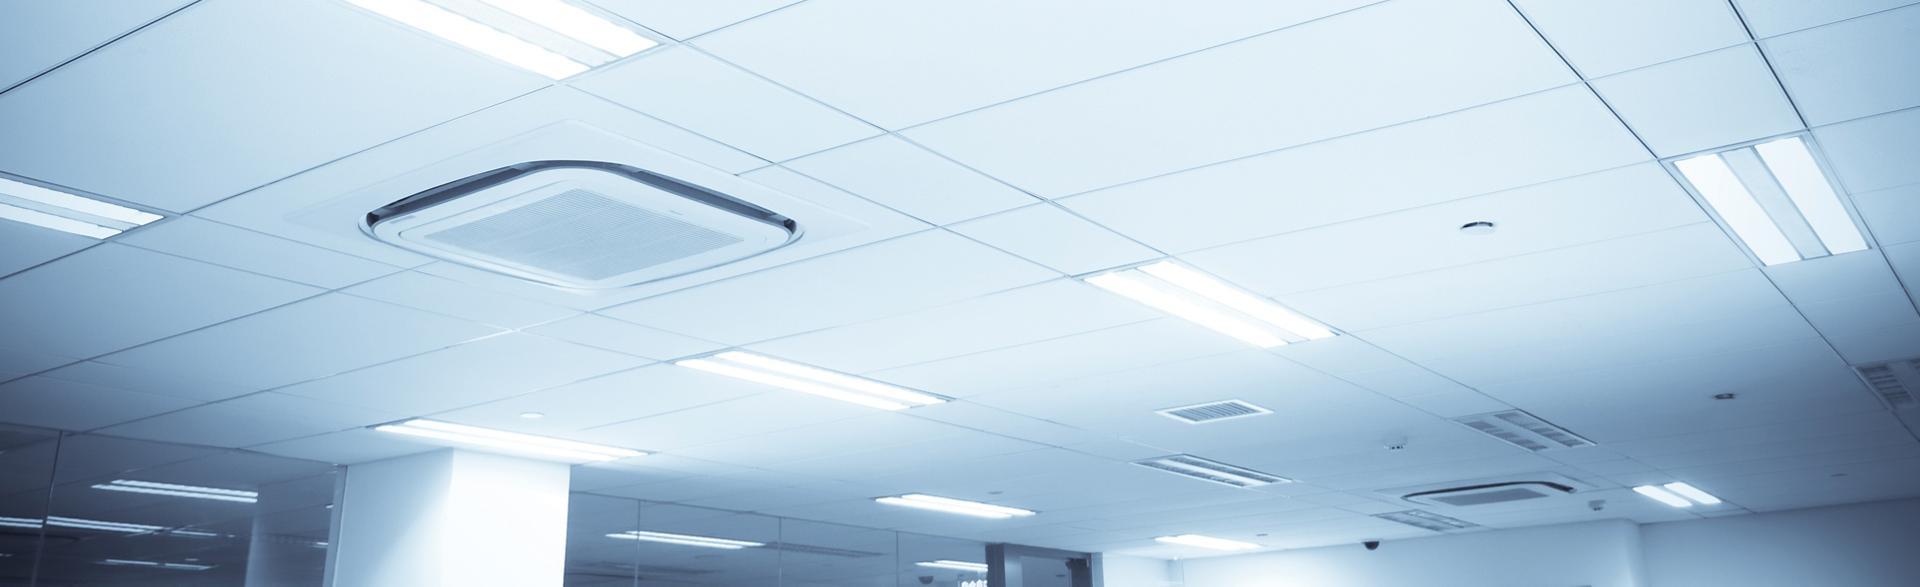 נורות ניאון לא יעילות על תקרה של משרד